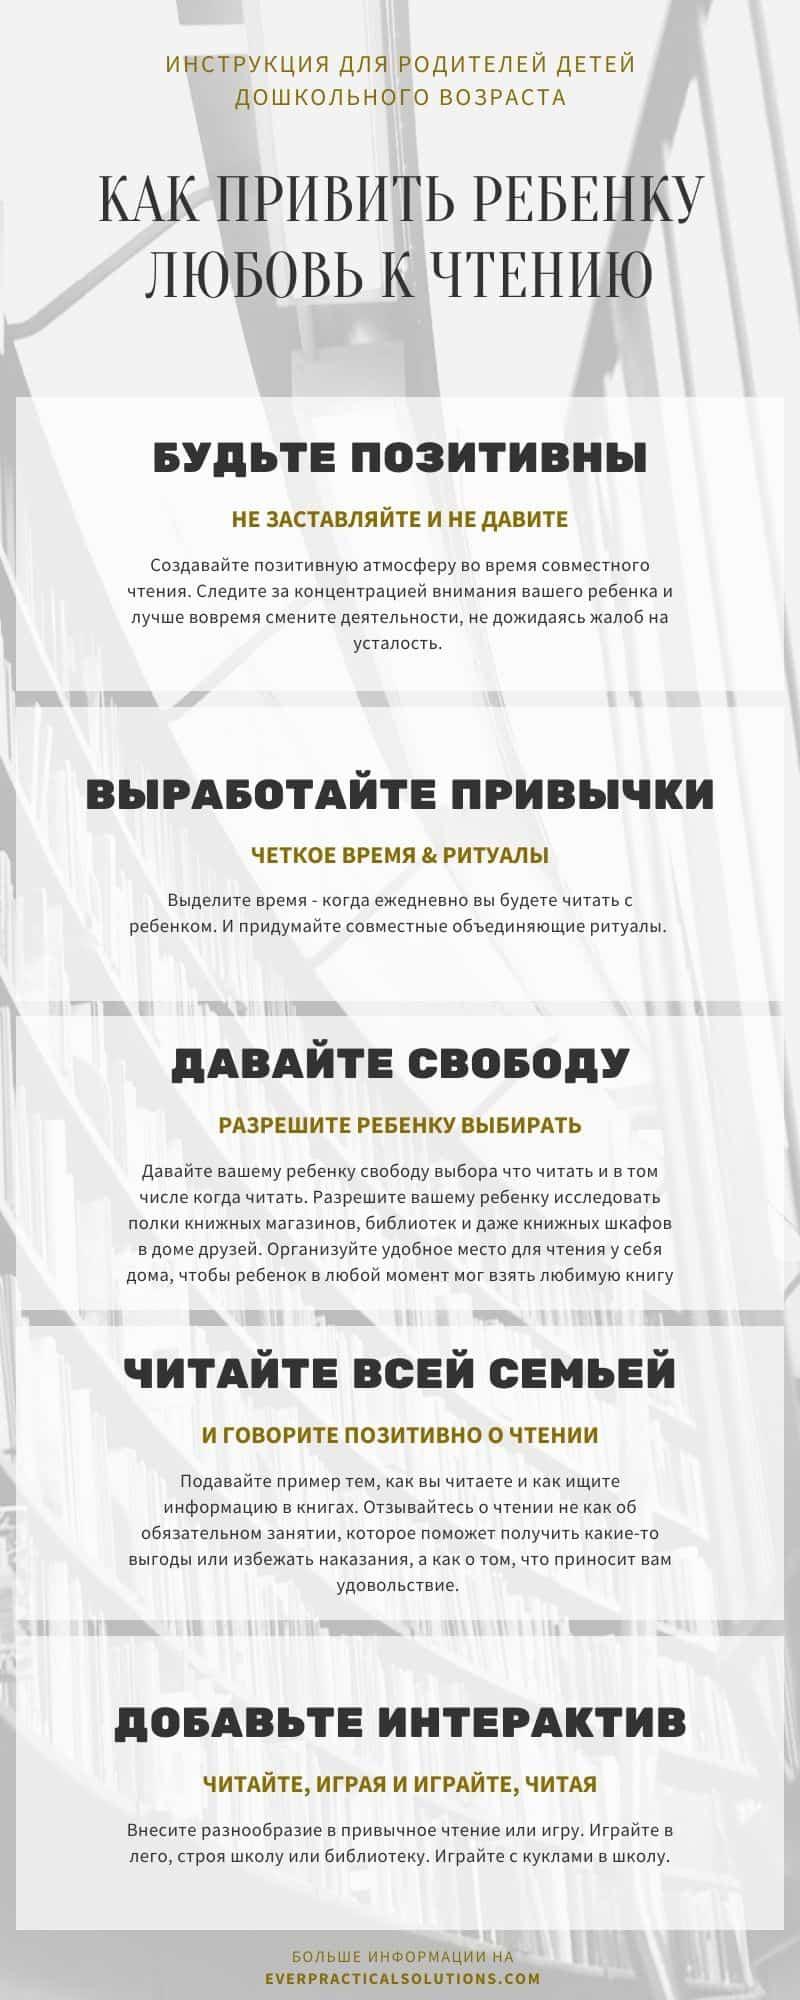 kak-privit-rebenku-lyubov-k-chteniyu - rules5